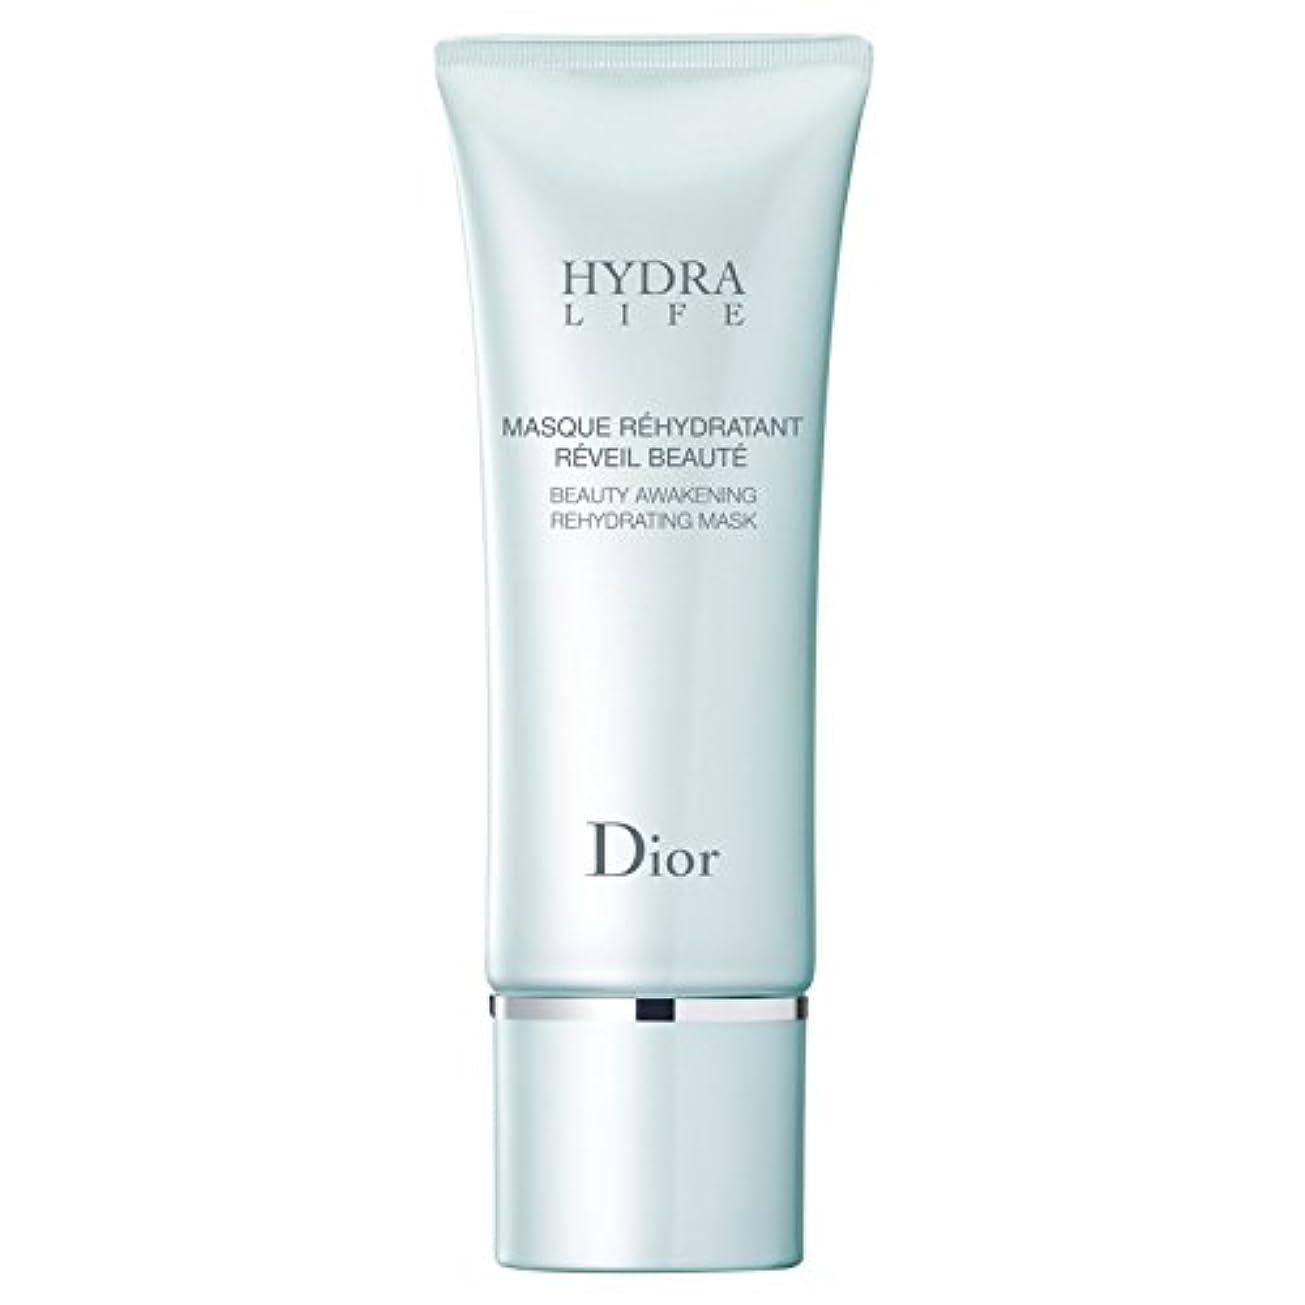 重要断言するユニークな[Dior] マスク75ミリリットルを再水和ディオールヒドラ人生の美しさの目覚め - Dior Hydra Life Beauty Awakening Rehydrating Mask 75ml [並行輸入品]